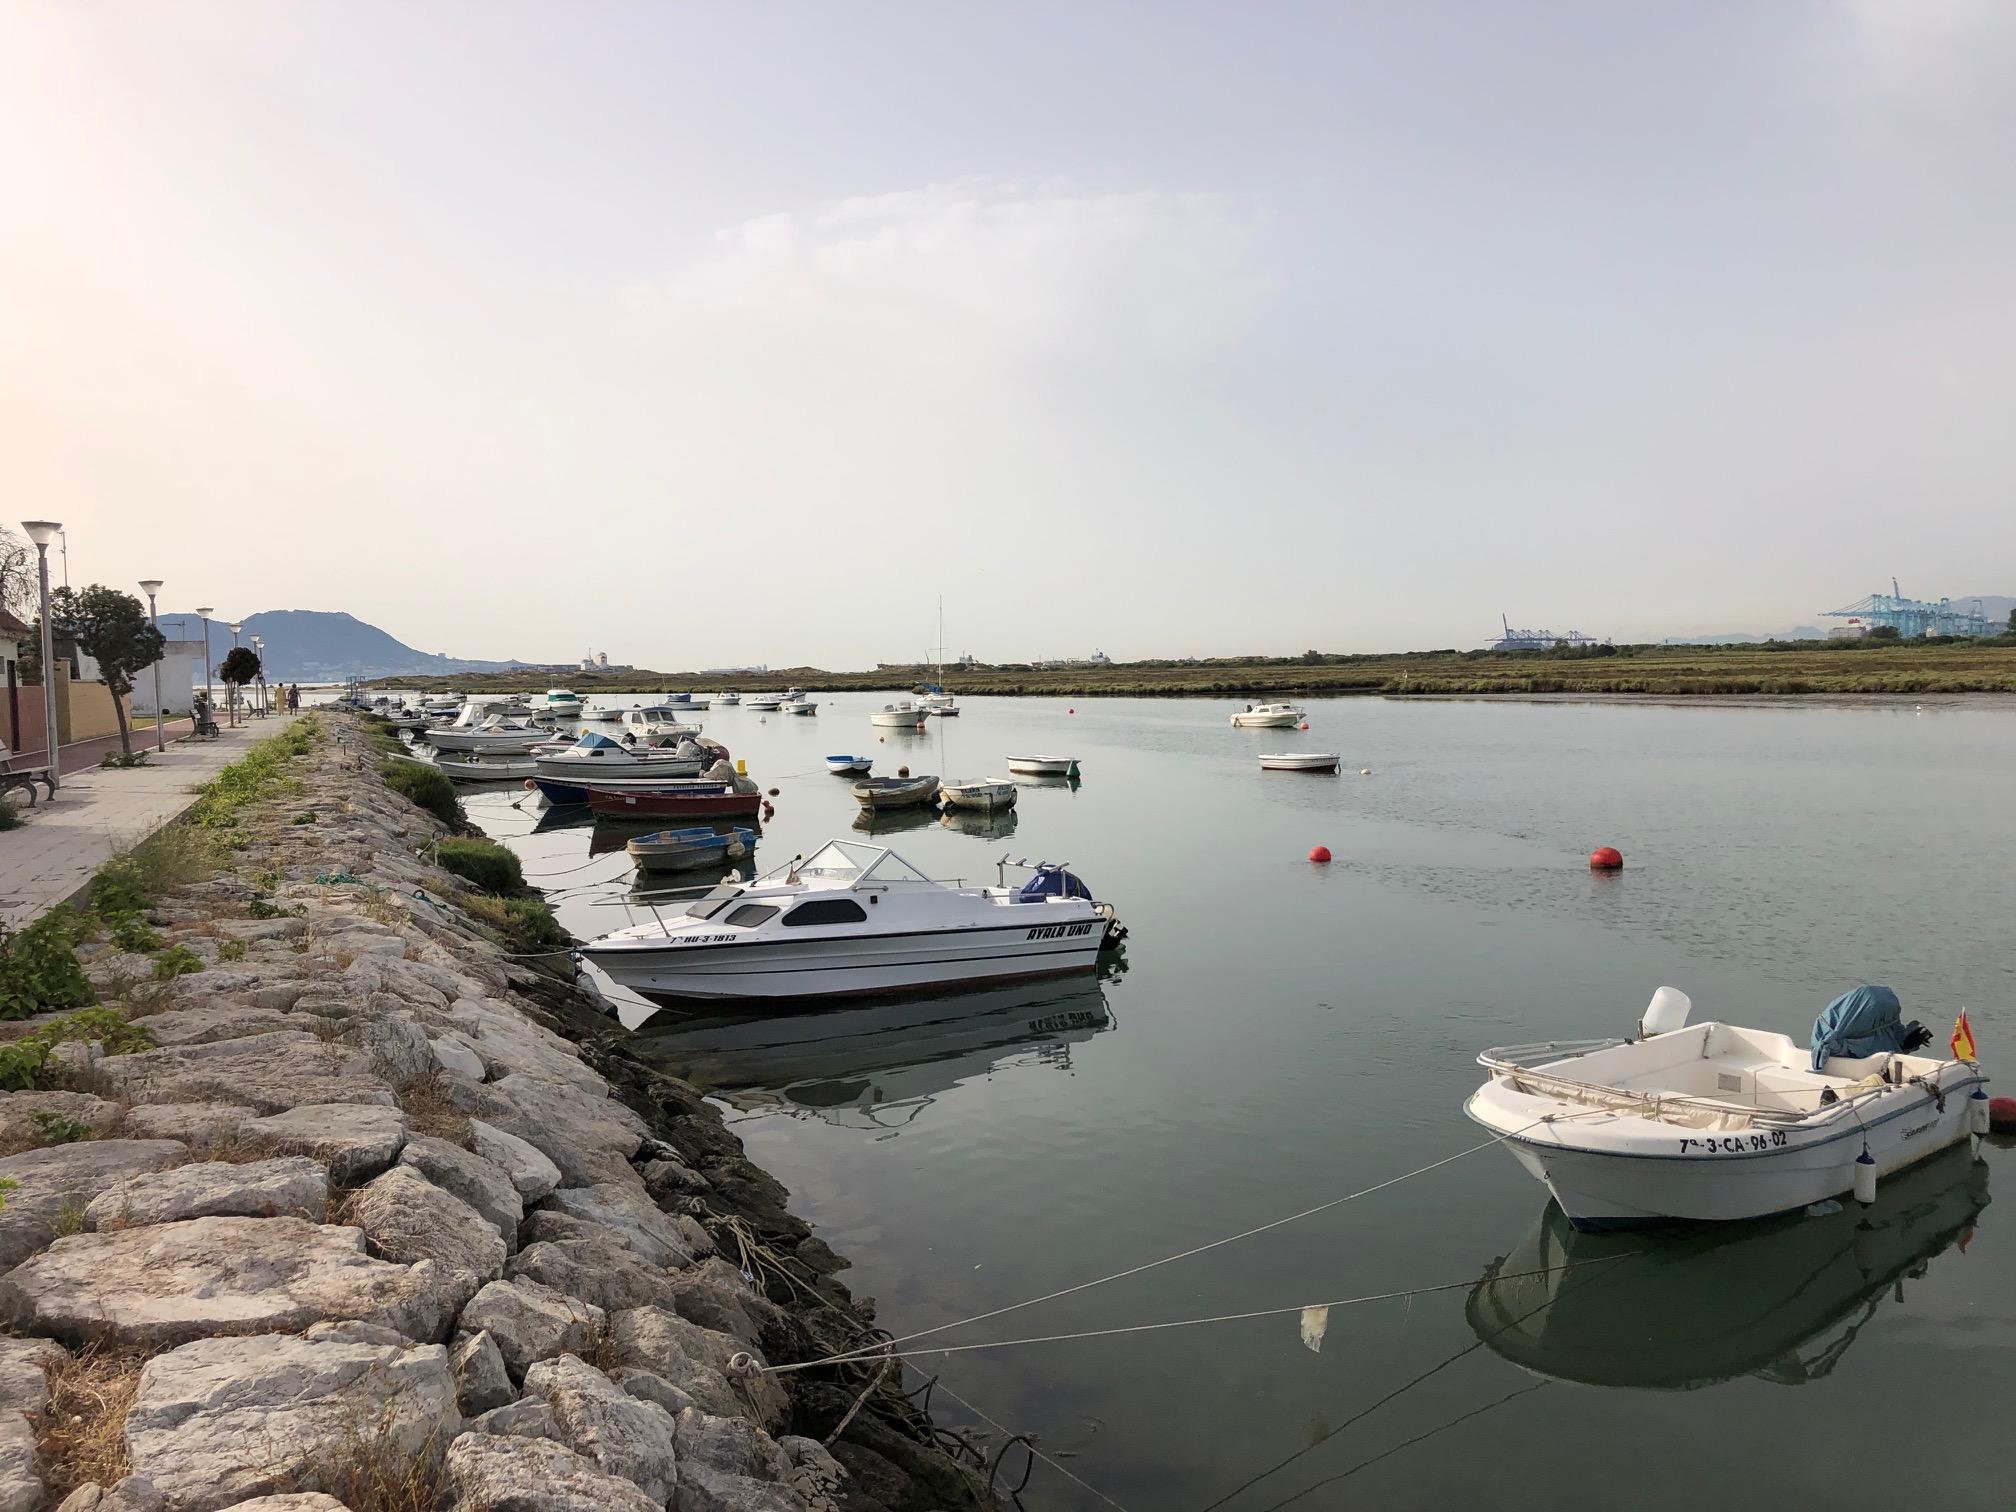 La Junta de Andalucía tramita la Autorización Ambiental para el proyecto de pantalanes en la desembocadura del río Palmones